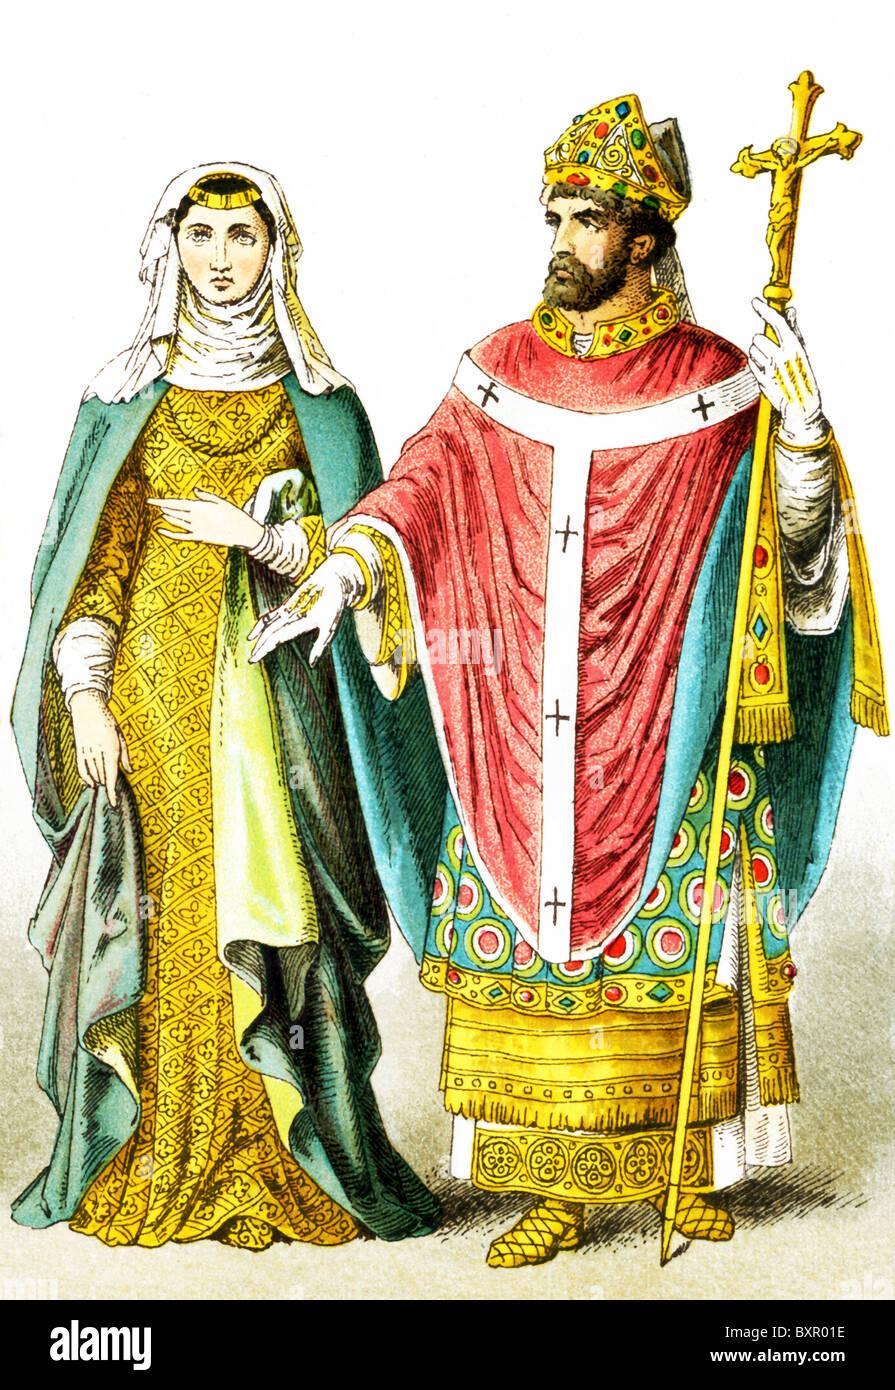 Las cifras aquí representados son una señora inglesa de rango y un obispo Inglés alrededor de A.D. Imagen De Stock